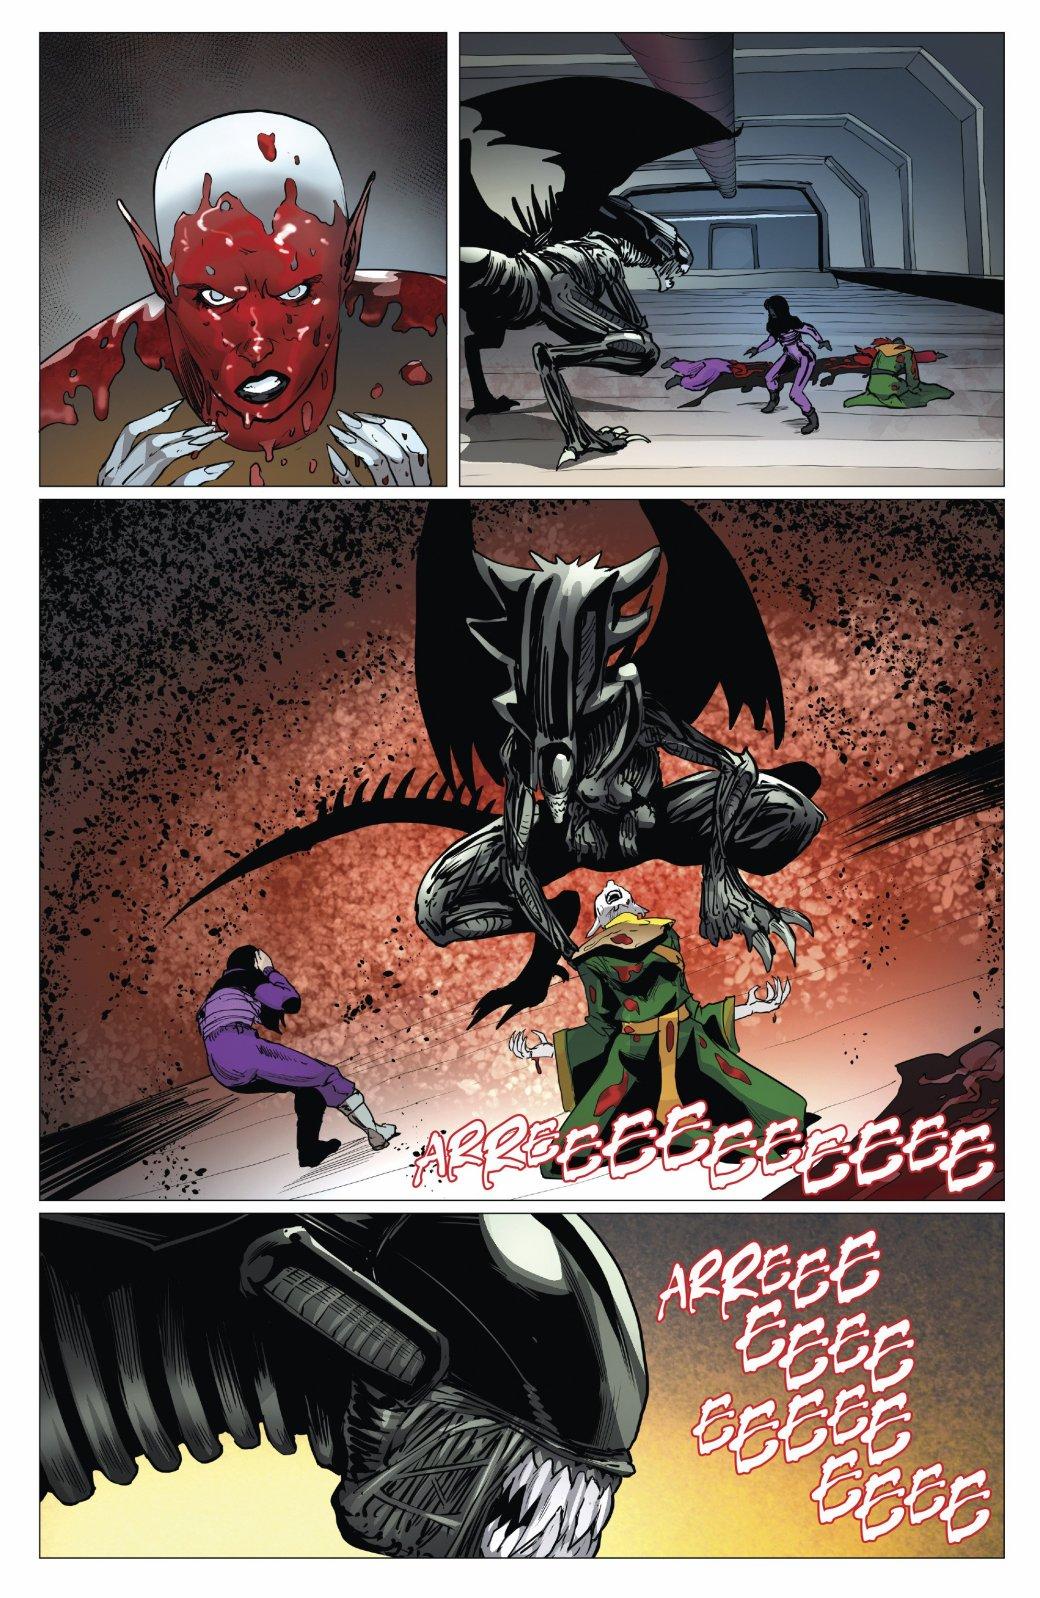 Бэтмен против Чужого?! Безумные комикс-кроссоверы сксеноморфами. - Изображение 35